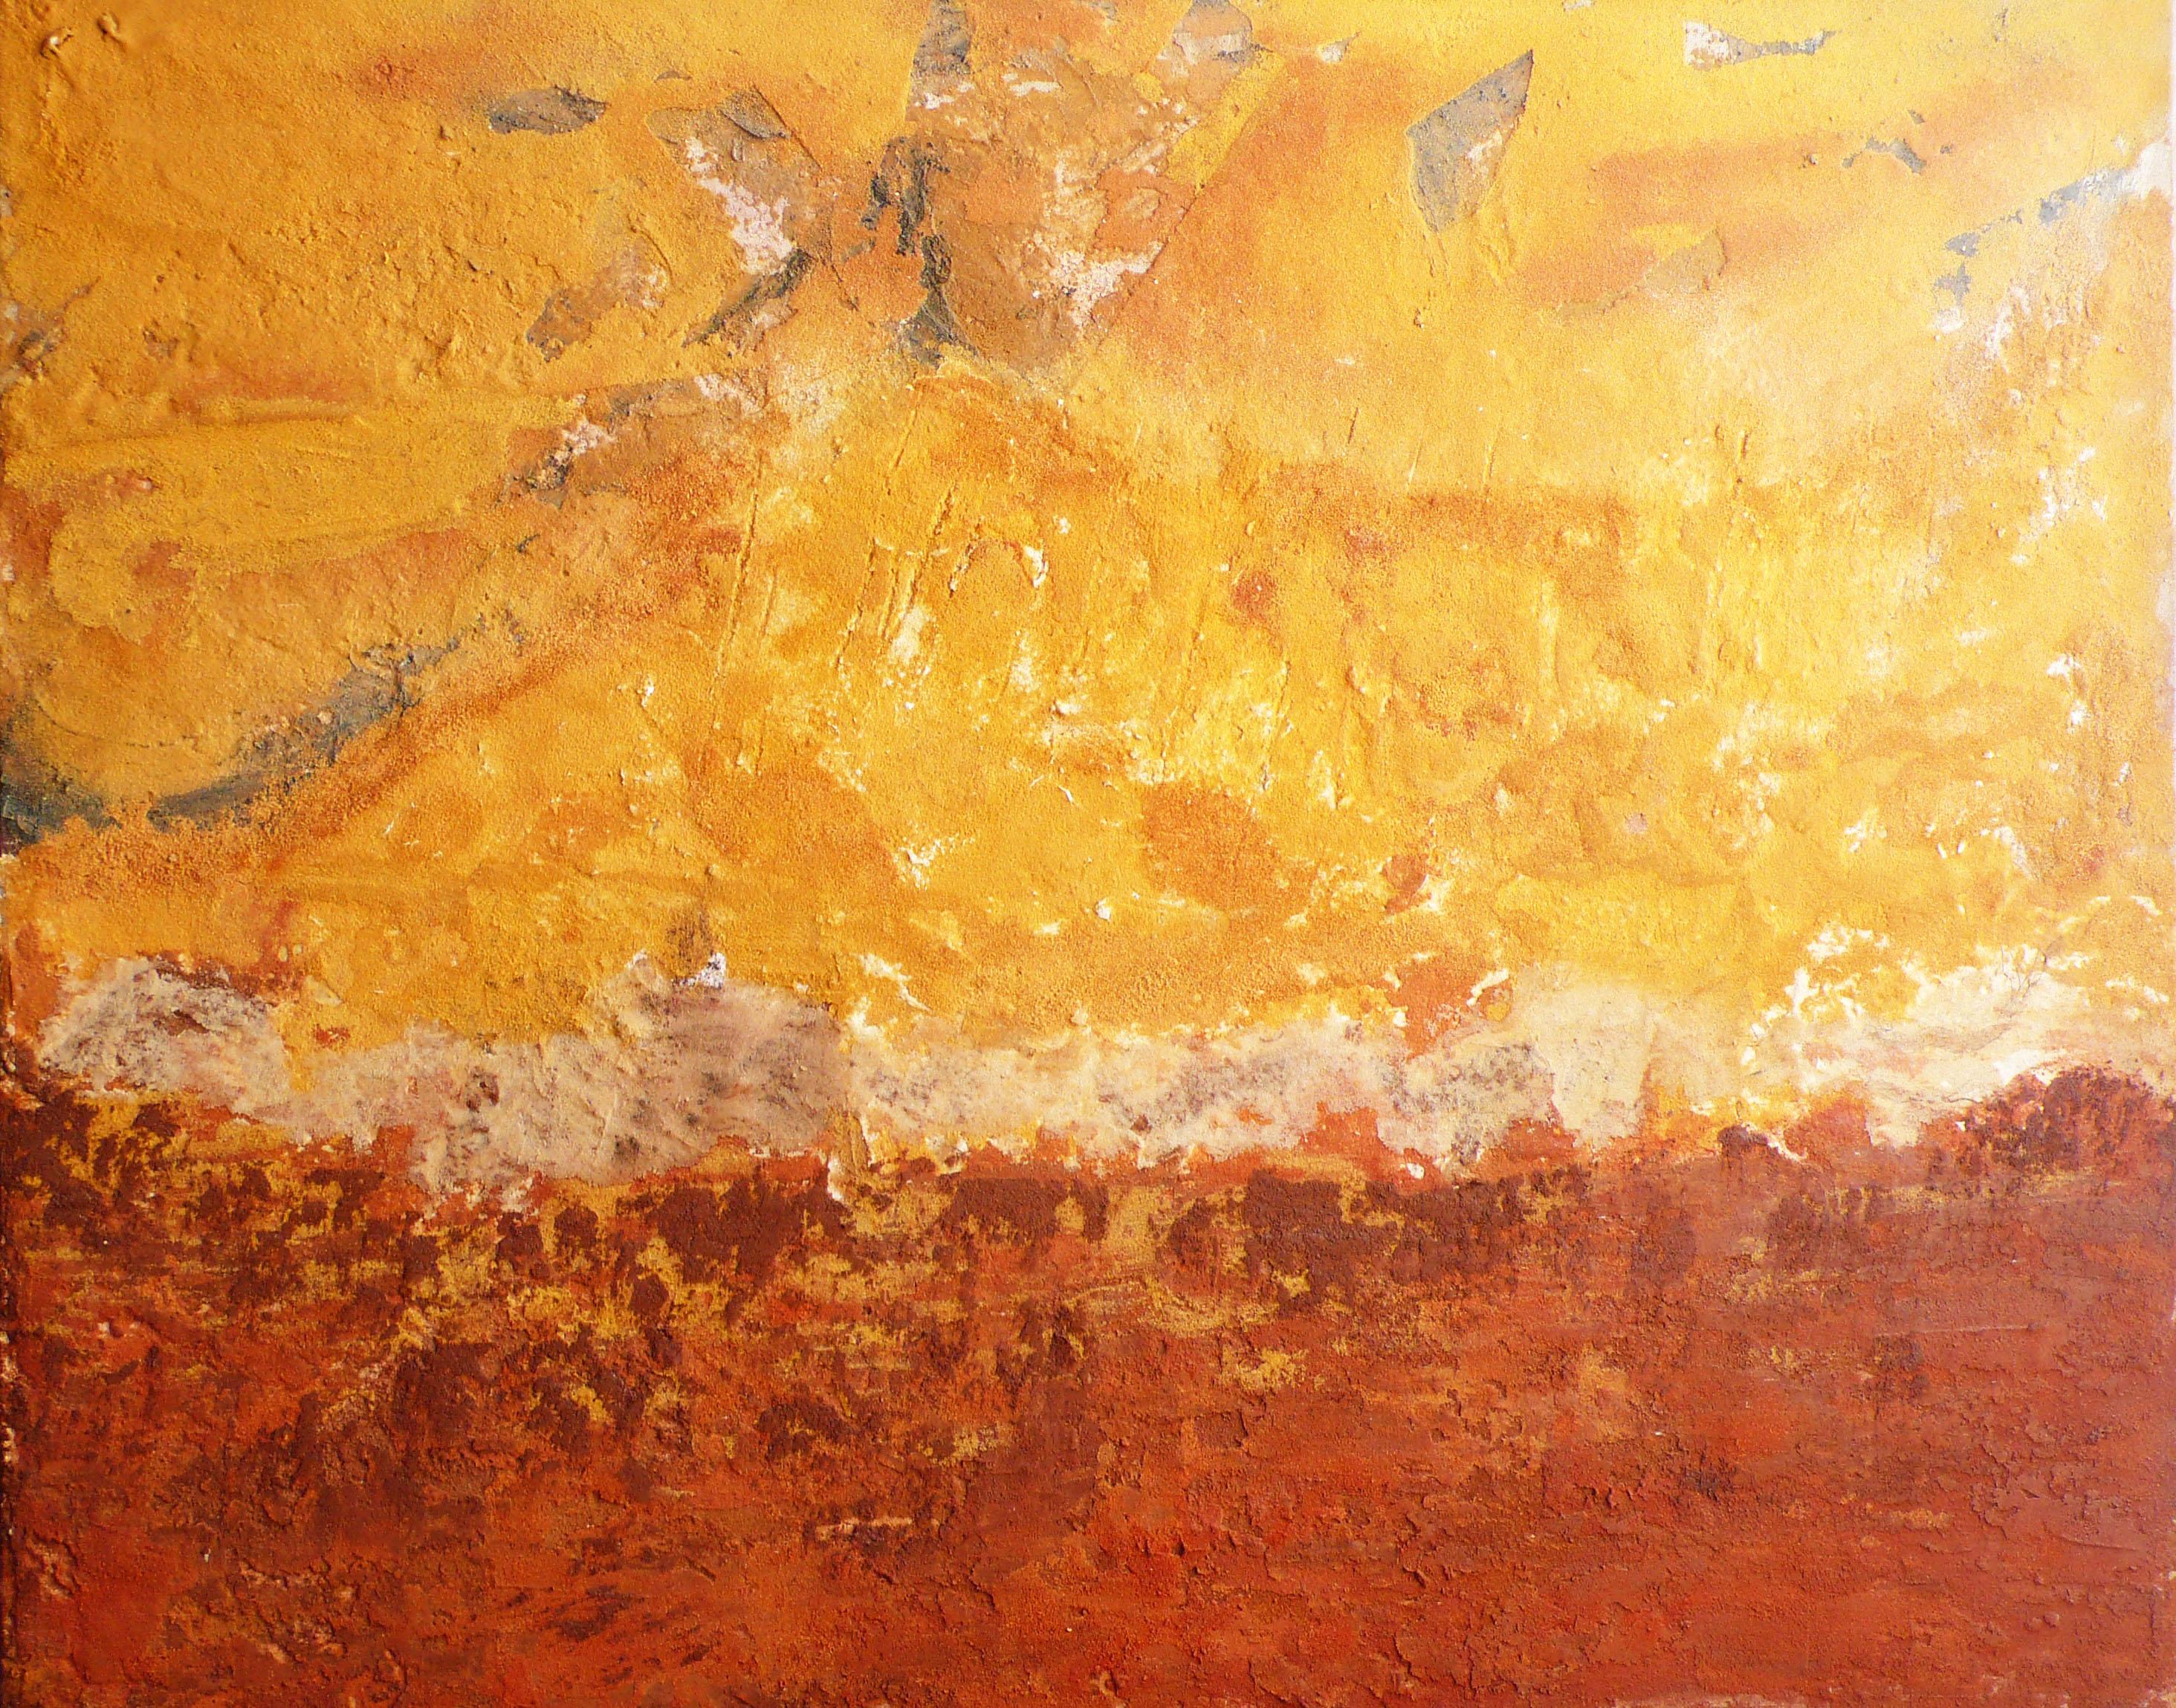 terre-de-lailleurs-terres-de-couleur-sur-toile-2012-80x100